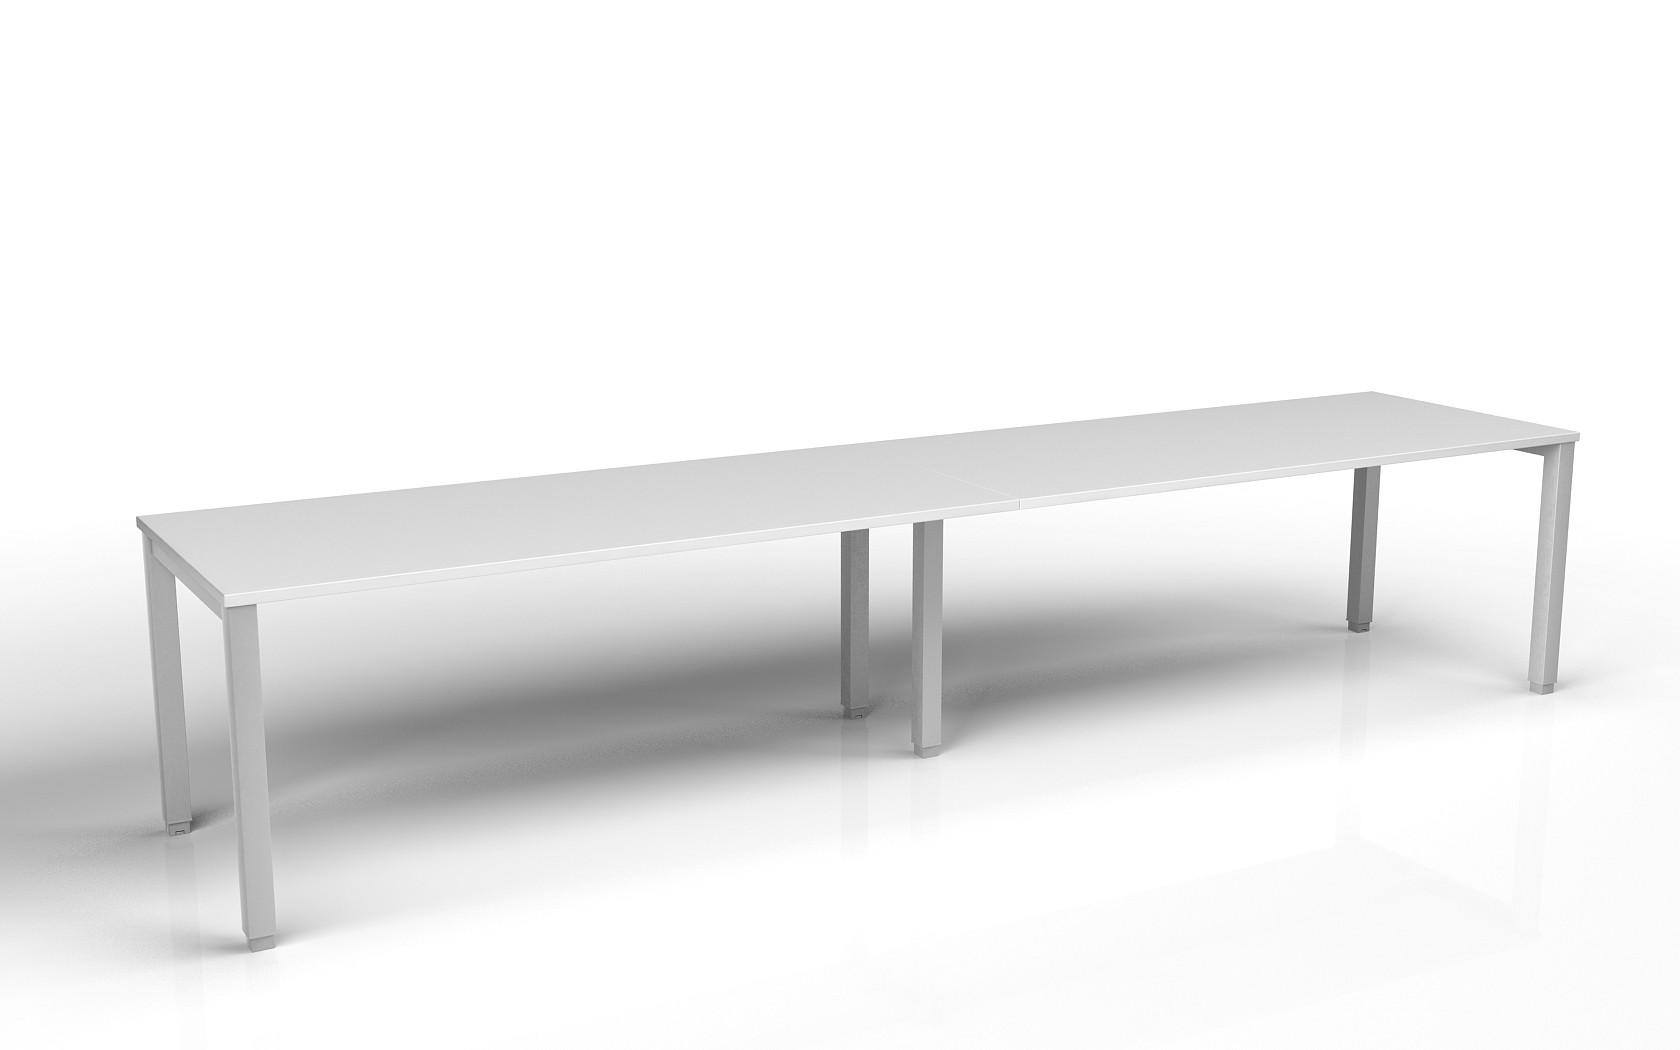 Bureau bench 2 personnes tempo profondeur 60 cm achat for Bureau 60 cm de profondeur